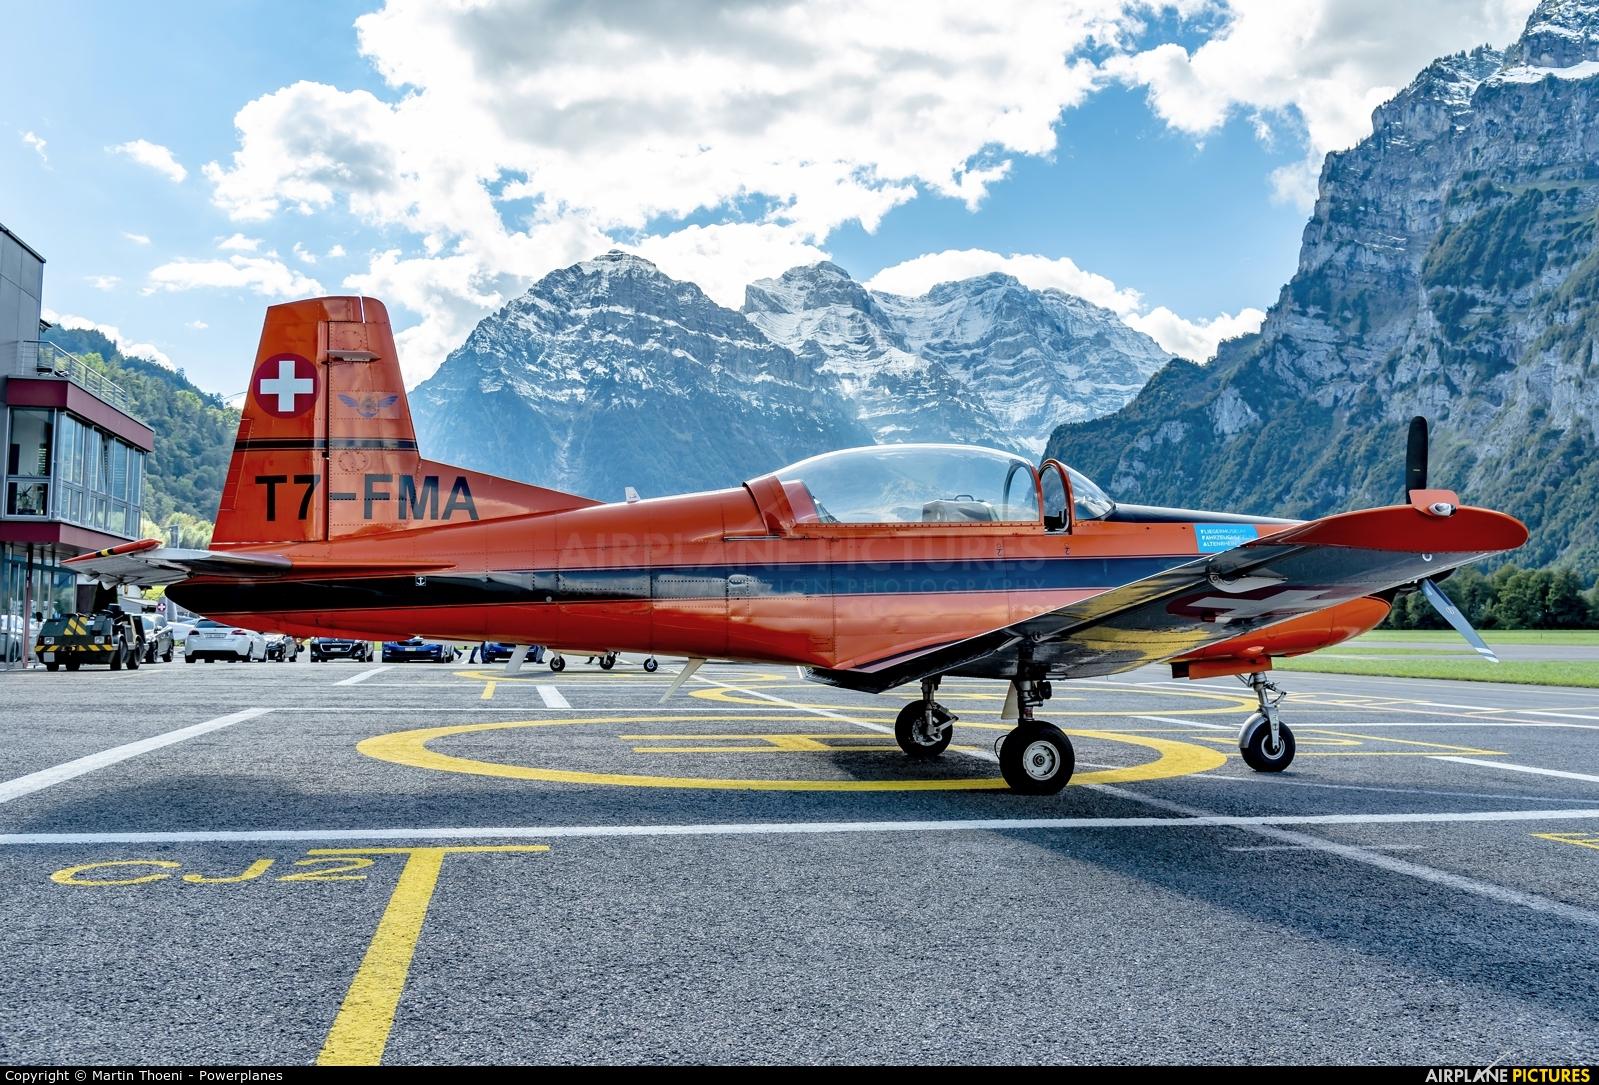 FFA Museum T7-FMA aircraft at Mollis